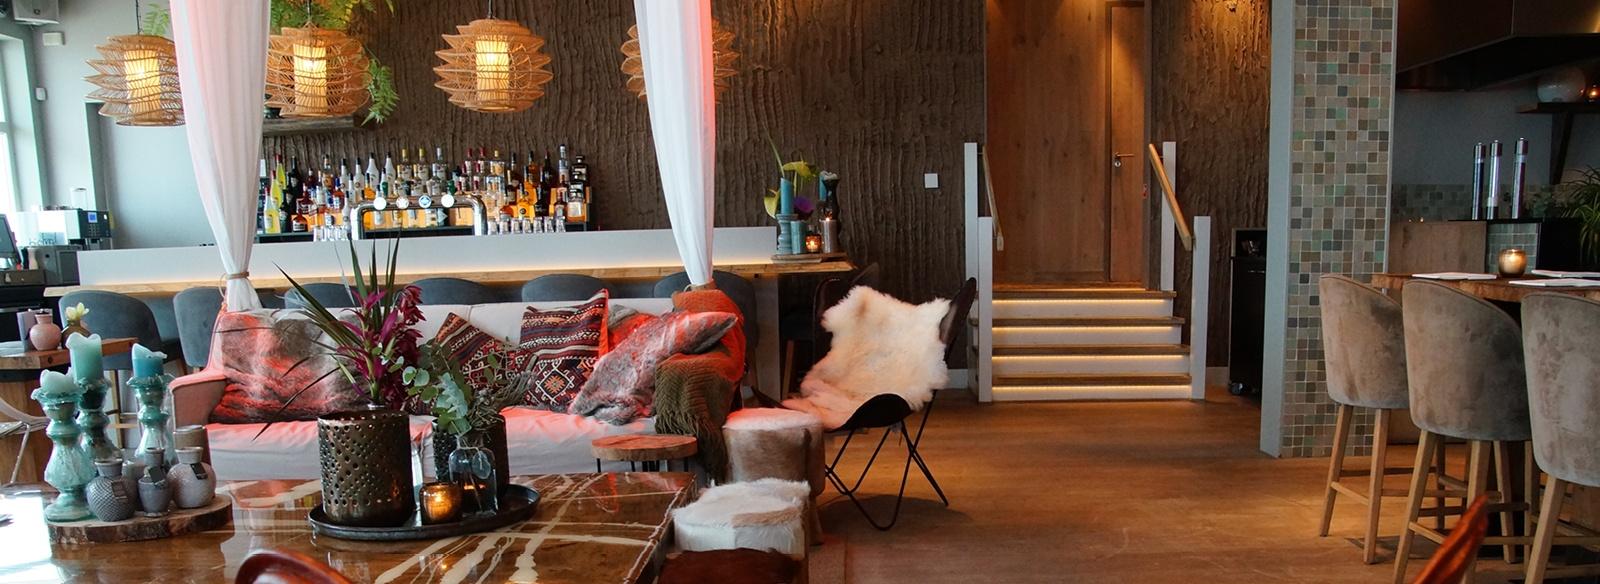 Alexander Beach Club - Noordwijk aan Zee - interieur